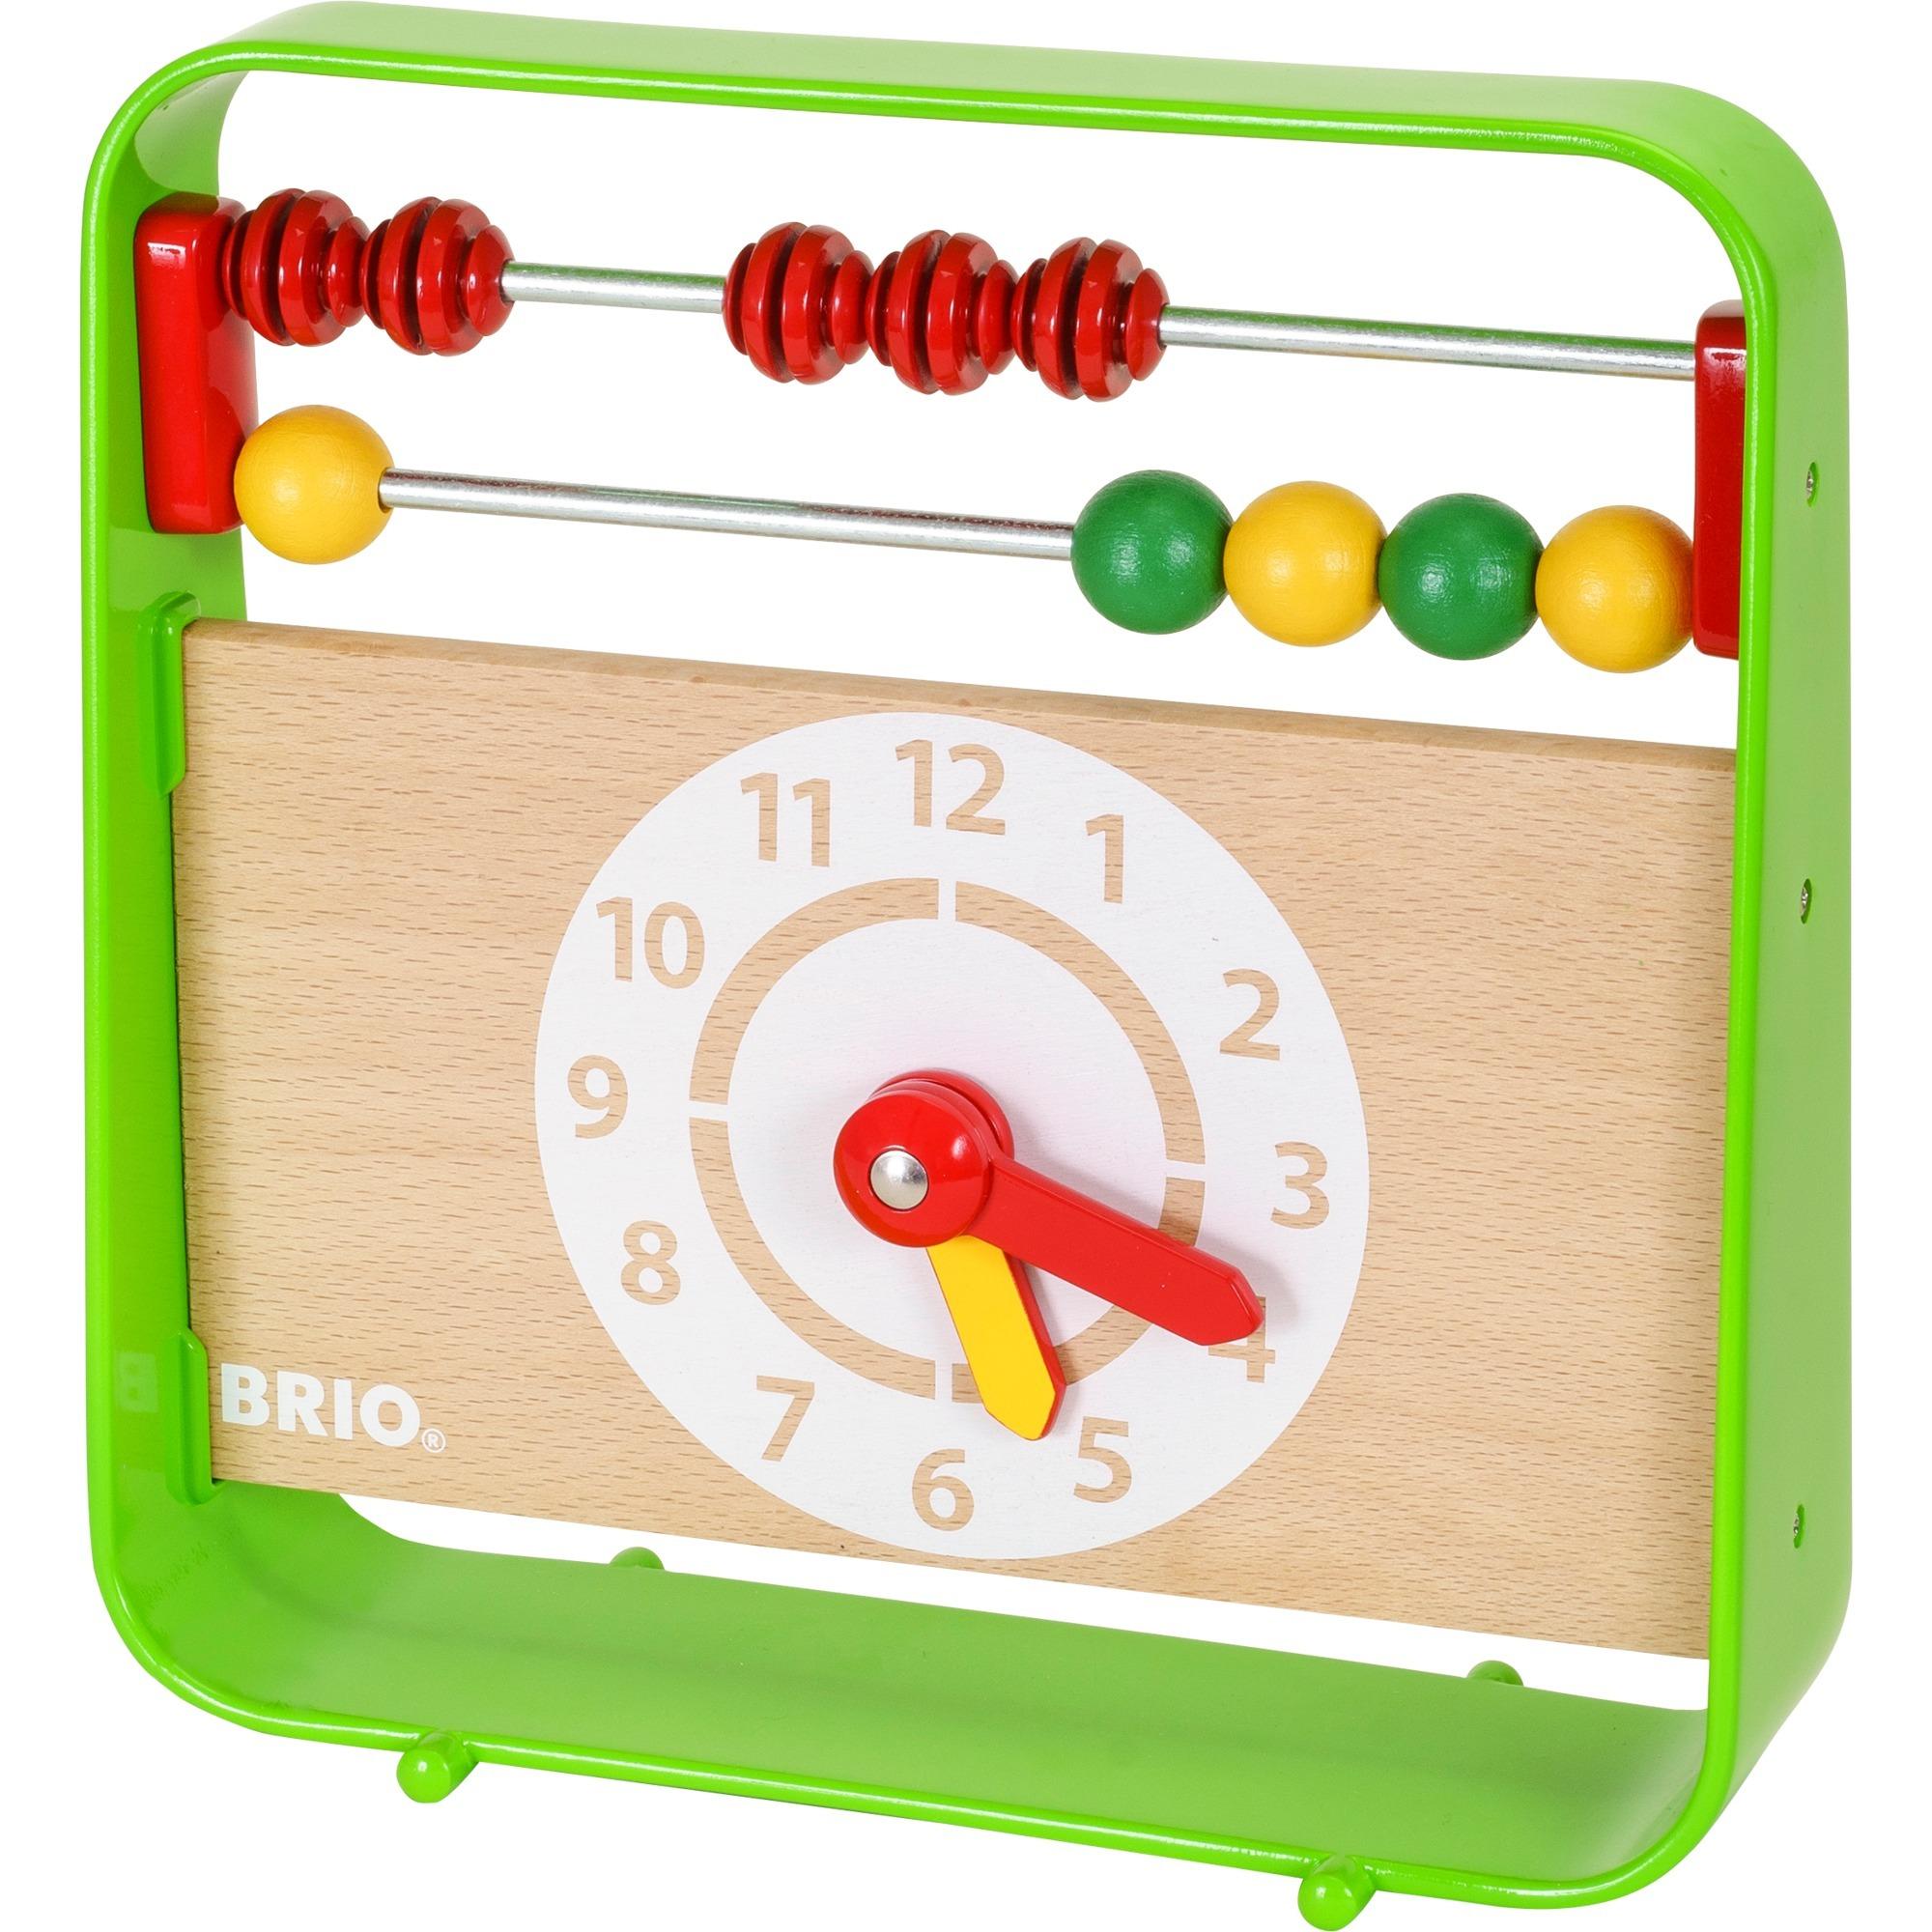 30447 juego educativo Child Niño/niña